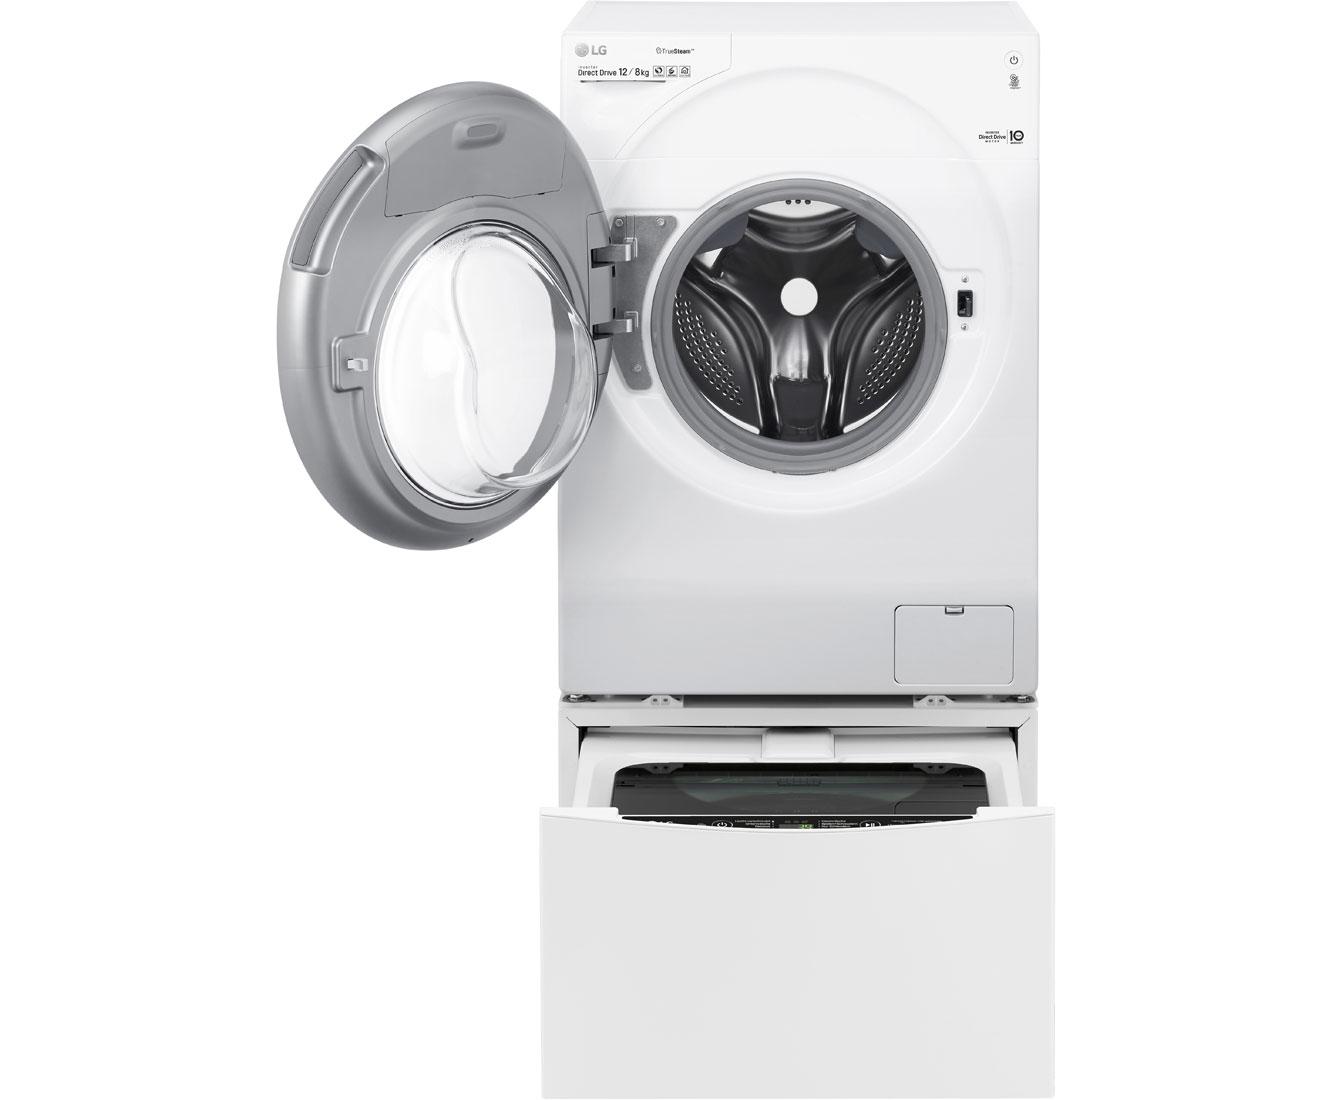 Lg f wd twin waschtrockner kg waschen kg trocknen